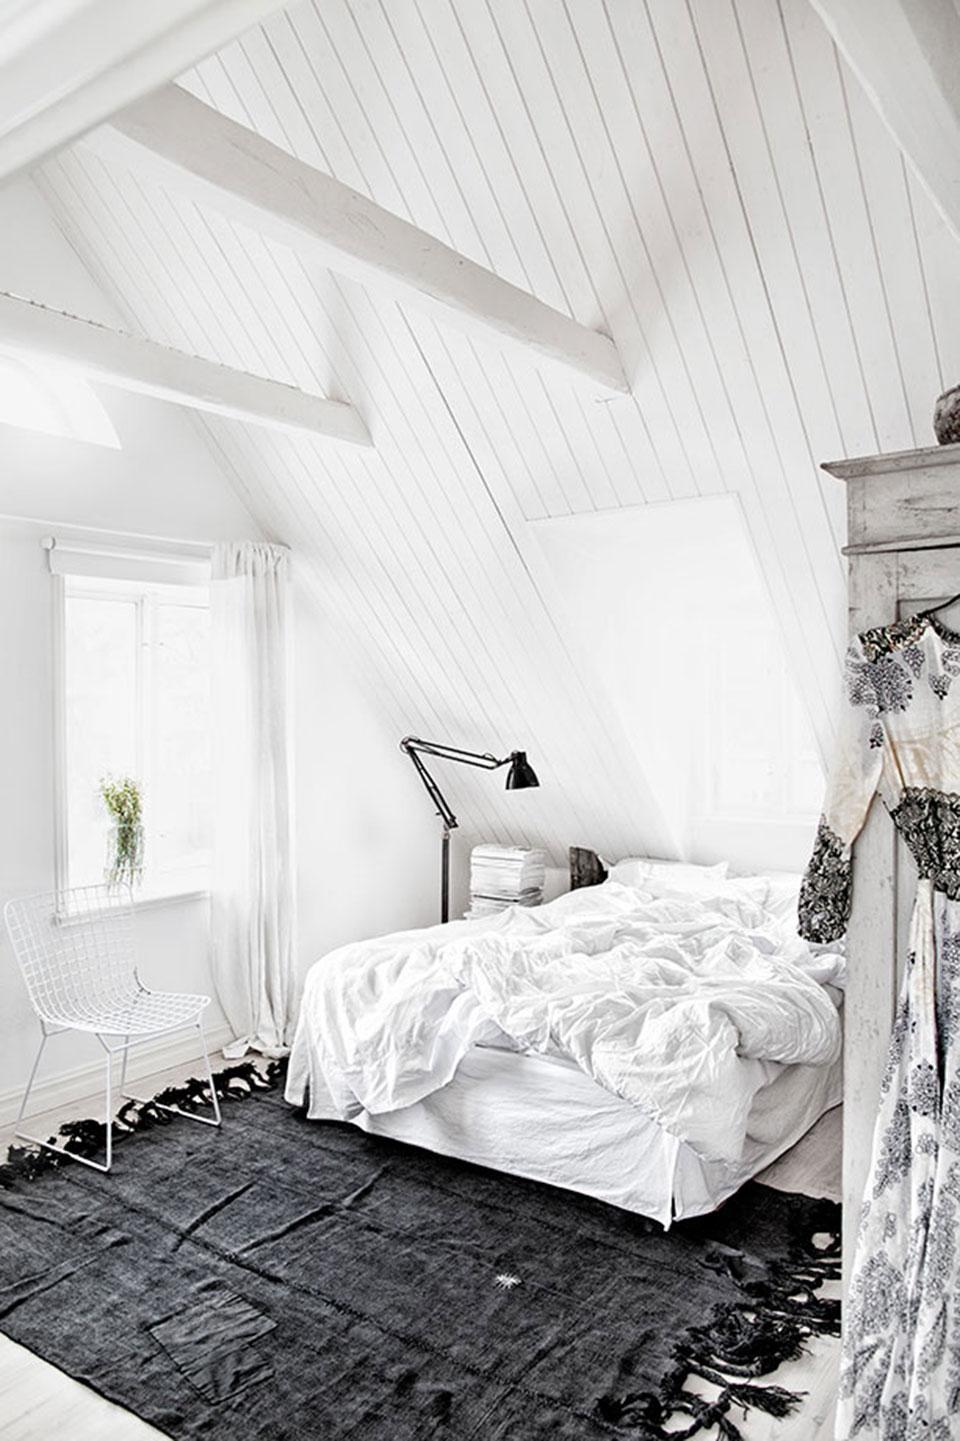 paredes brancas-moveis-aconchego-industrial-luminárias- tapetes-decoração10